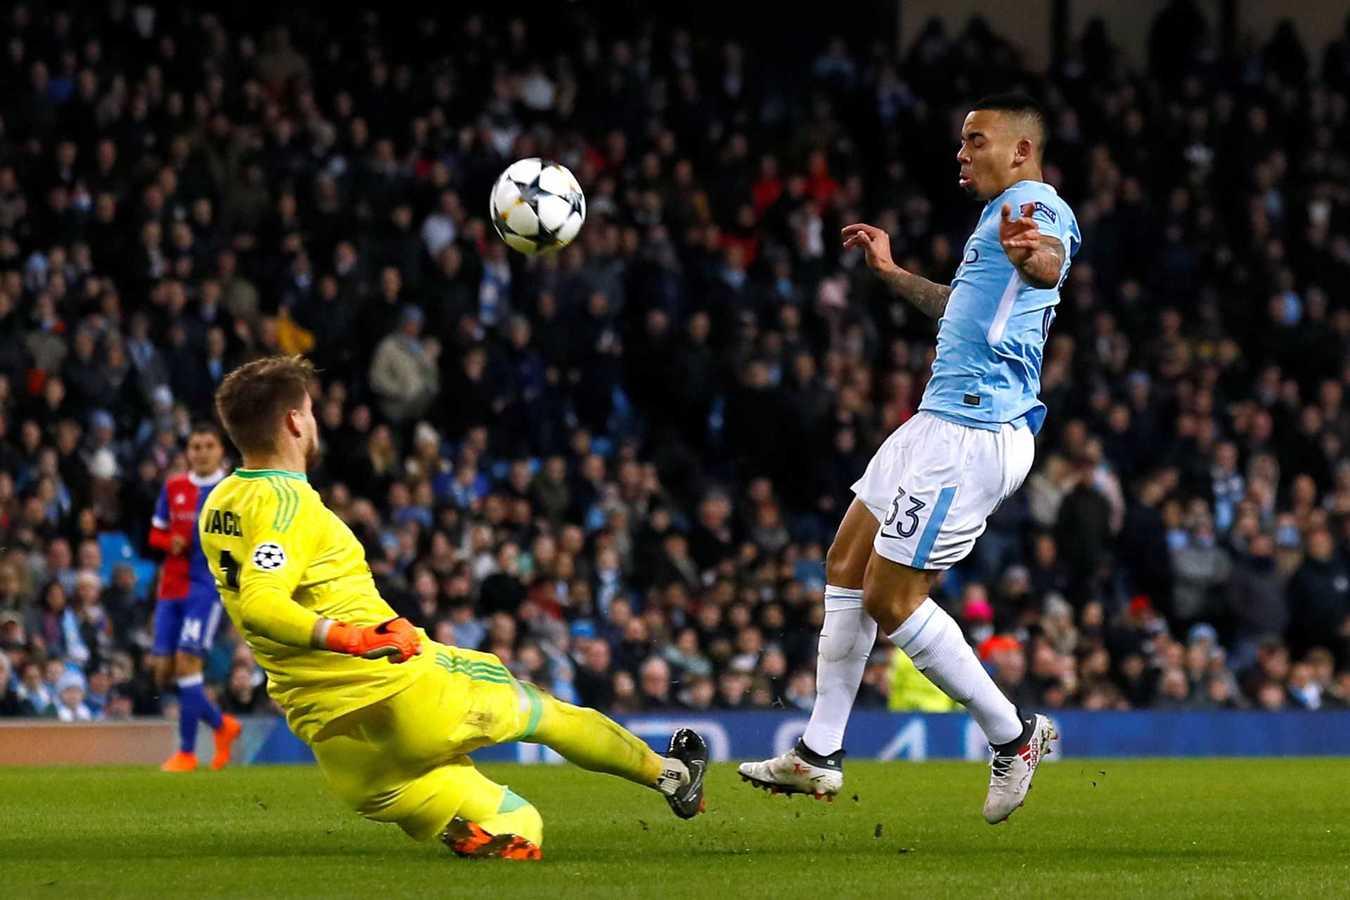 5º Gabriel Jesus, Manchester City: 52,8 milhões de euros -> 105,9 milhões de euros